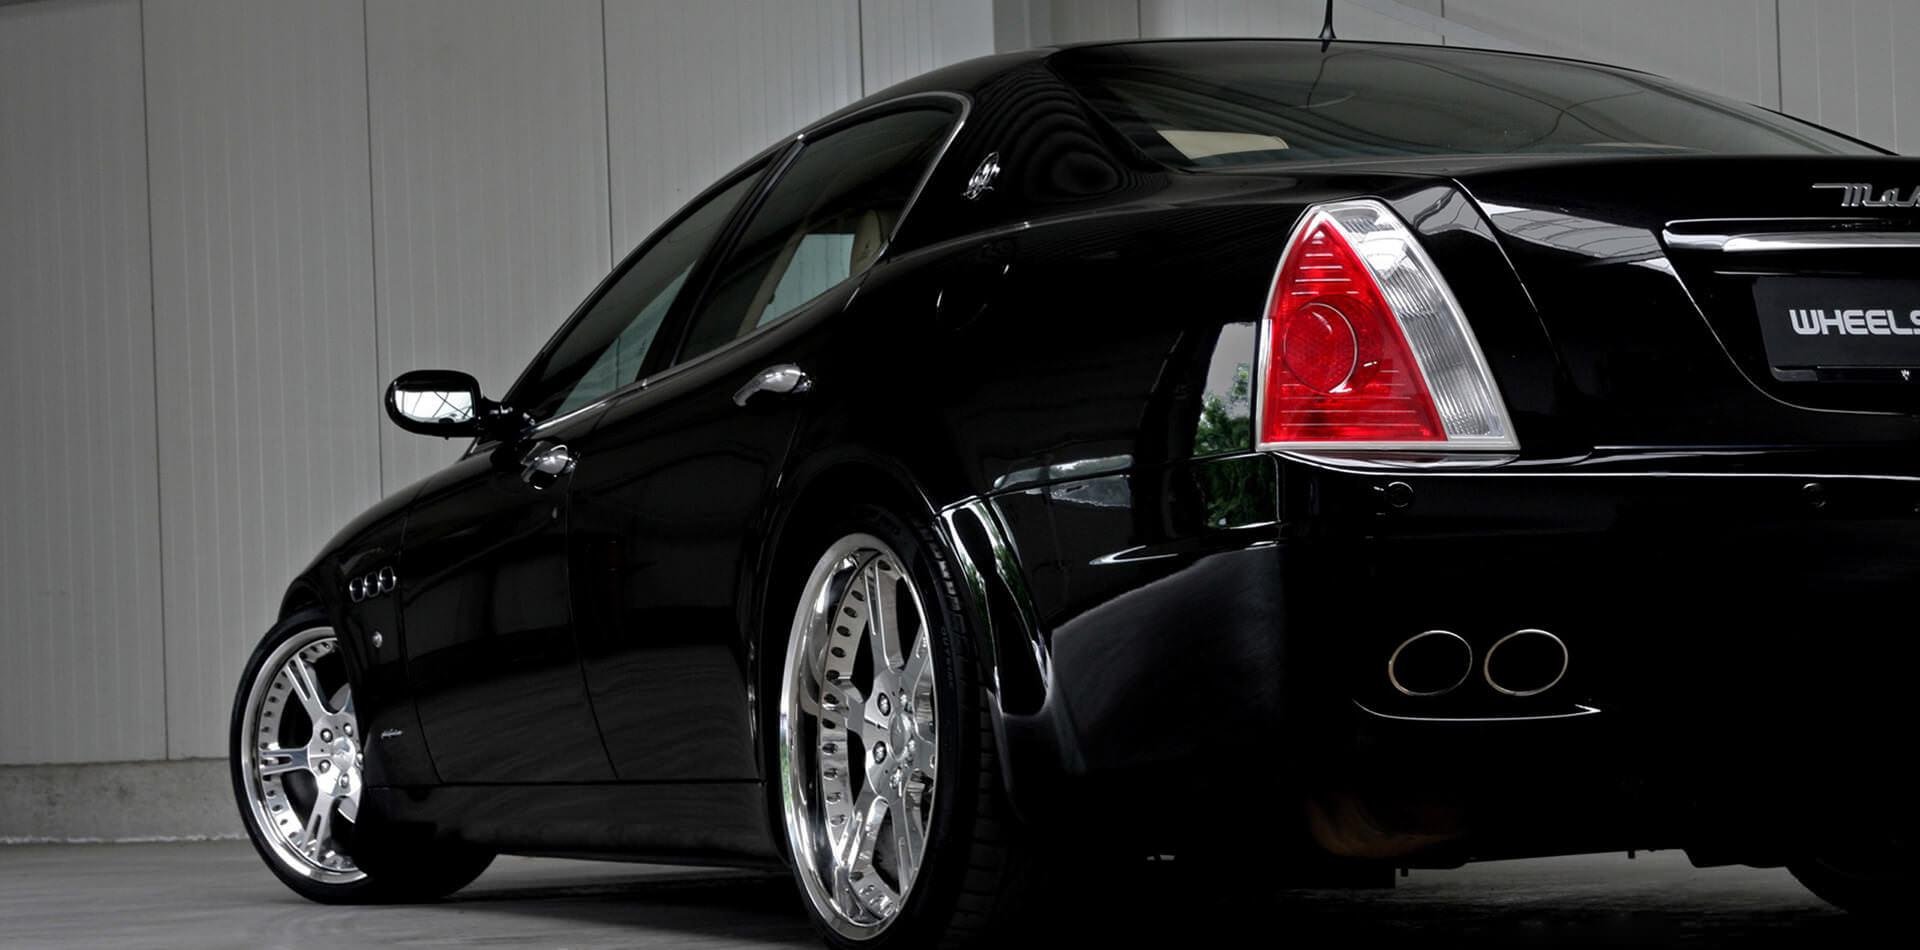 9,0+12,0×20 Zoll 6Sporz Felgen und Gewindefahrwerk für Maserati Quattroporte